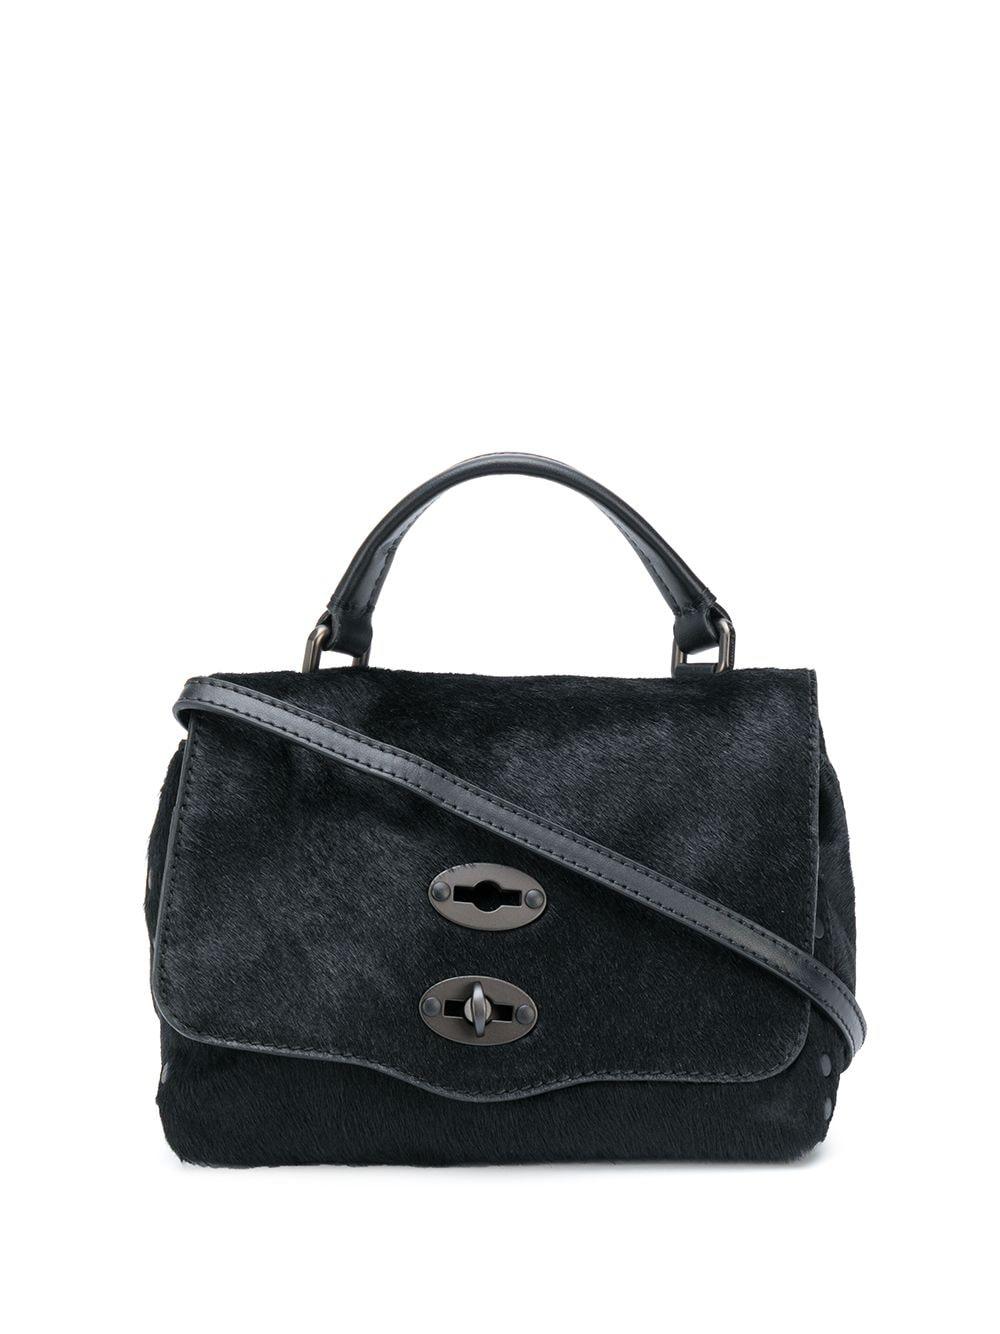 Postina Baby Leather Handbag